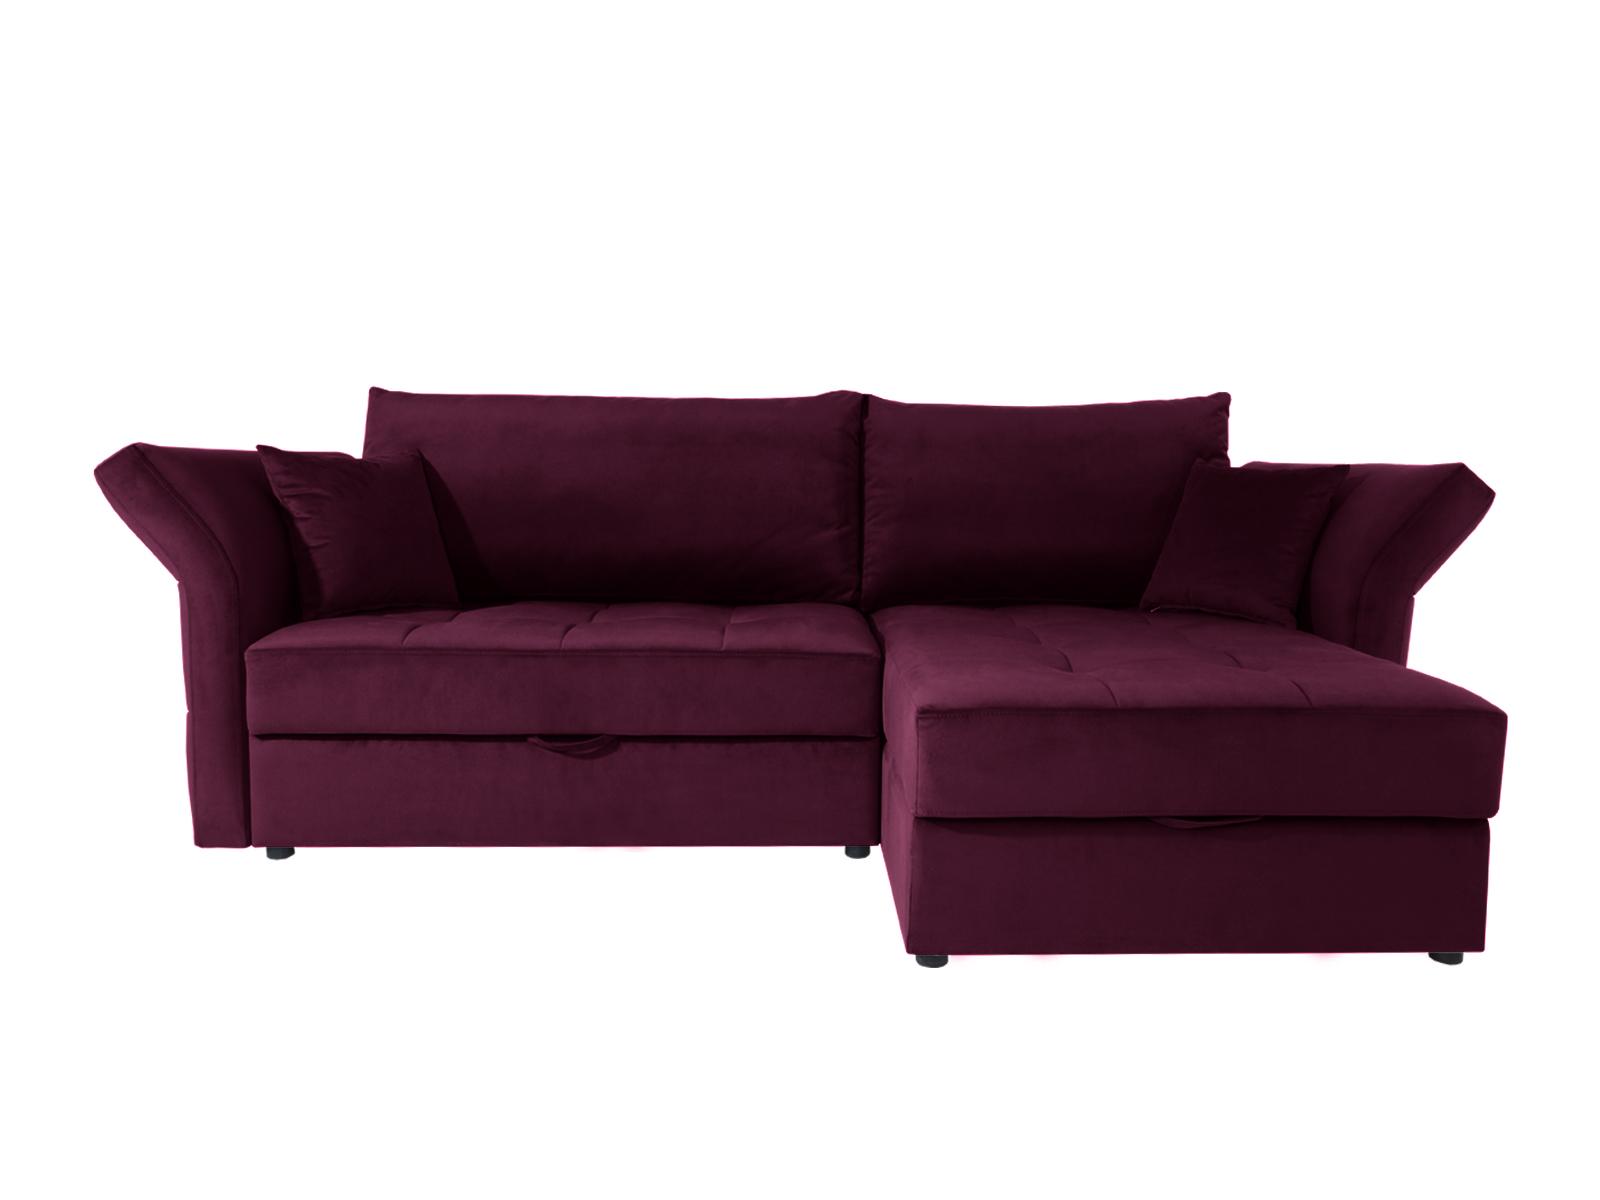 Диван WingУгловые раскладные диваны<br>Особенностью этого углового дивана является универсальное исполнение - оттоманку можно располагать как с правой, так и с левой стороны. Сиденье оттоманки снабжено подъемным механизмом на пневматических лифтах, под ним расположено отделение для хранения постельного белья. Под основным сидением - еще одно отделение для хранения.&amp;lt;div&amp;gt;&amp;lt;br&amp;gt;&amp;lt;/div&amp;gt;&amp;lt;div&amp;gt;&amp;lt;div&amp;gt;Материалы:&amp;lt;/div&amp;gt;&amp;lt;div&amp;gt;Каркас: фанера, МДФ.&amp;lt;/div&amp;gt;&amp;lt;div&amp;gt;&amp;lt;div&amp;gt;Мягкие элементы дивана: пенополиуретан, холлофайбер, синтепон.&amp;lt;/div&amp;gt;&amp;lt;div&amp;gt;Съемные подушки: синтетическое волокно «синтепух».&amp;lt;/div&amp;gt;&amp;lt;div&amp;gt;Обивка: 100% полиэстер.&amp;lt;/div&amp;gt;&amp;lt;/div&amp;gt;&amp;lt;div&amp;gt;Механизм трансформации: Еврокнижка.&amp;lt;/div&amp;gt;&amp;lt;div&amp;gt;&amp;lt;br&amp;gt;&amp;lt;/div&amp;gt;&amp;lt;div&amp;gt;&amp;lt;div&amp;gt;Глубина сиденья: 53 cм&amp;lt;/div&amp;gt;&amp;lt;div&amp;gt;Ширина сиденья: 201 cм&amp;lt;/div&amp;gt;&amp;lt;div&amp;gt;Высота сиденья: 43 cм&amp;lt;/div&amp;gt;&amp;lt;/div&amp;gt;&amp;lt;div&amp;gt;Размер спального места 201 х 143 см.&amp;lt;/div&amp;gt;&amp;lt;/div&amp;gt;<br><br>Material: Текстиль<br>Ширина см: 254<br>Высота см: 94<br>Глубина см: 155